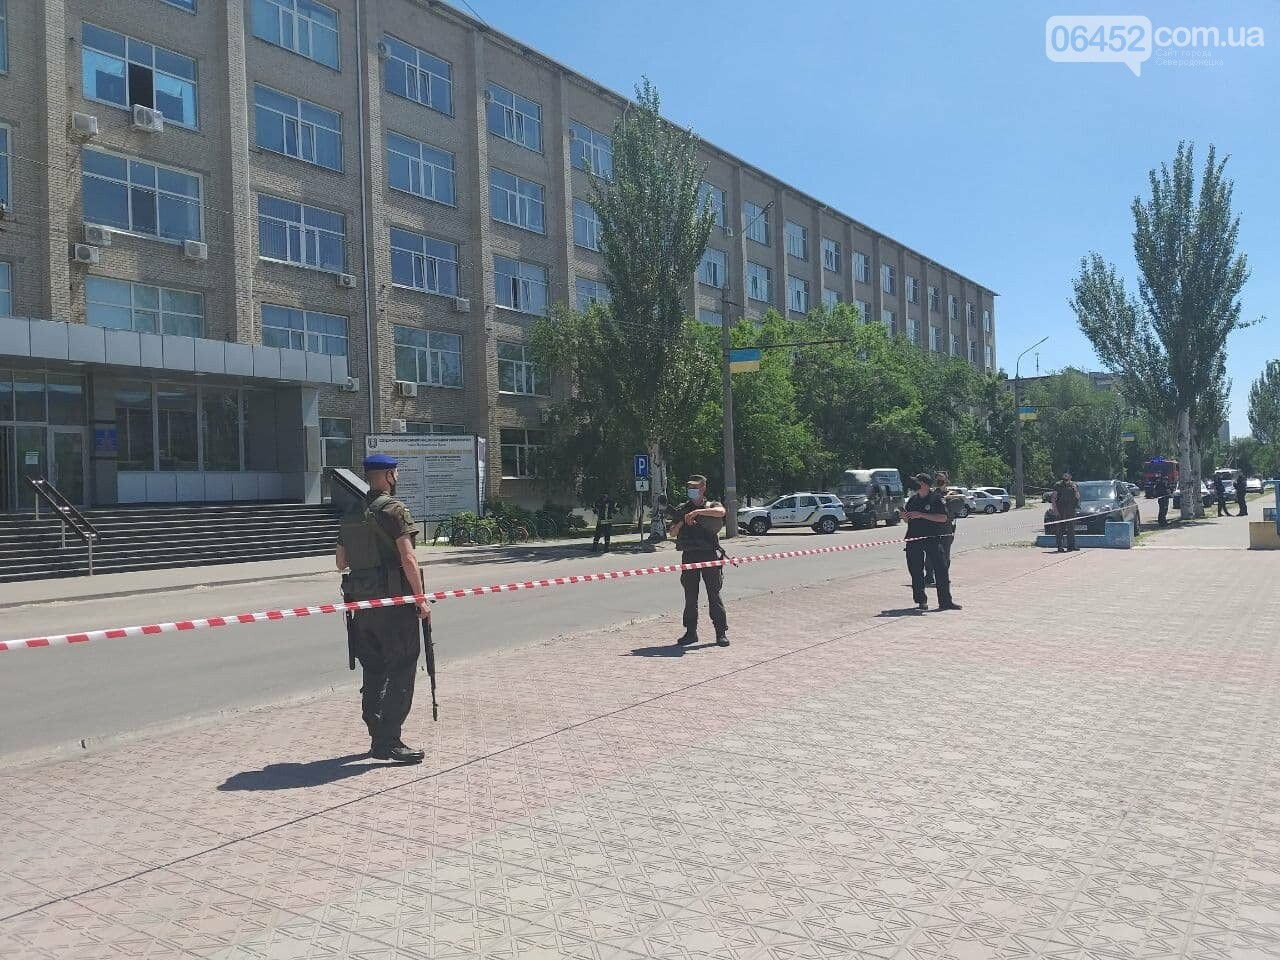 В Северодонецке неизвестный сообщил о минировании корпусов двух университетов (фото), фото-4